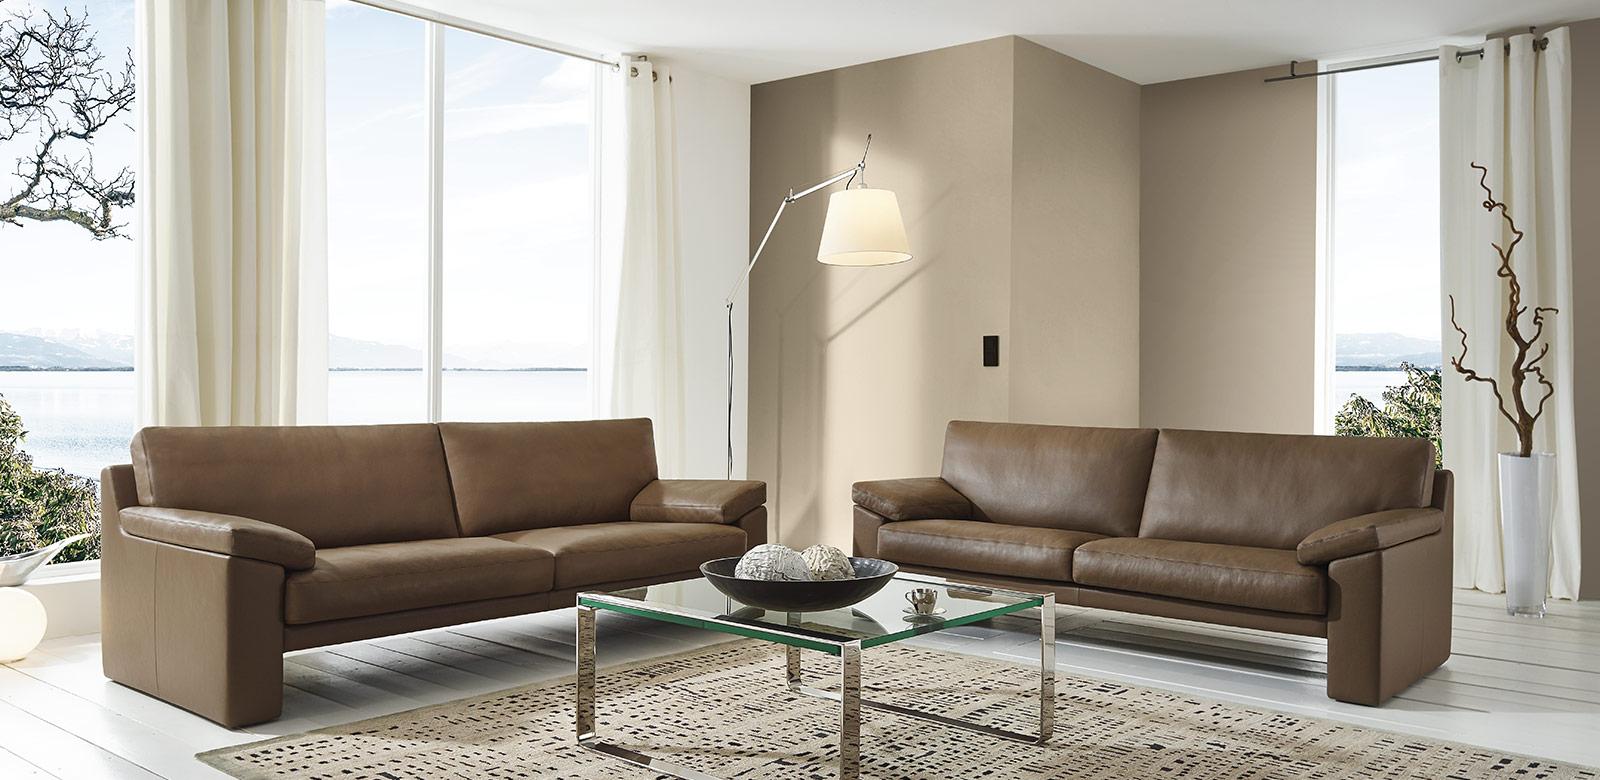 Erpo Sofa Cl 600 Couchgarnitur Exklusive Sofas